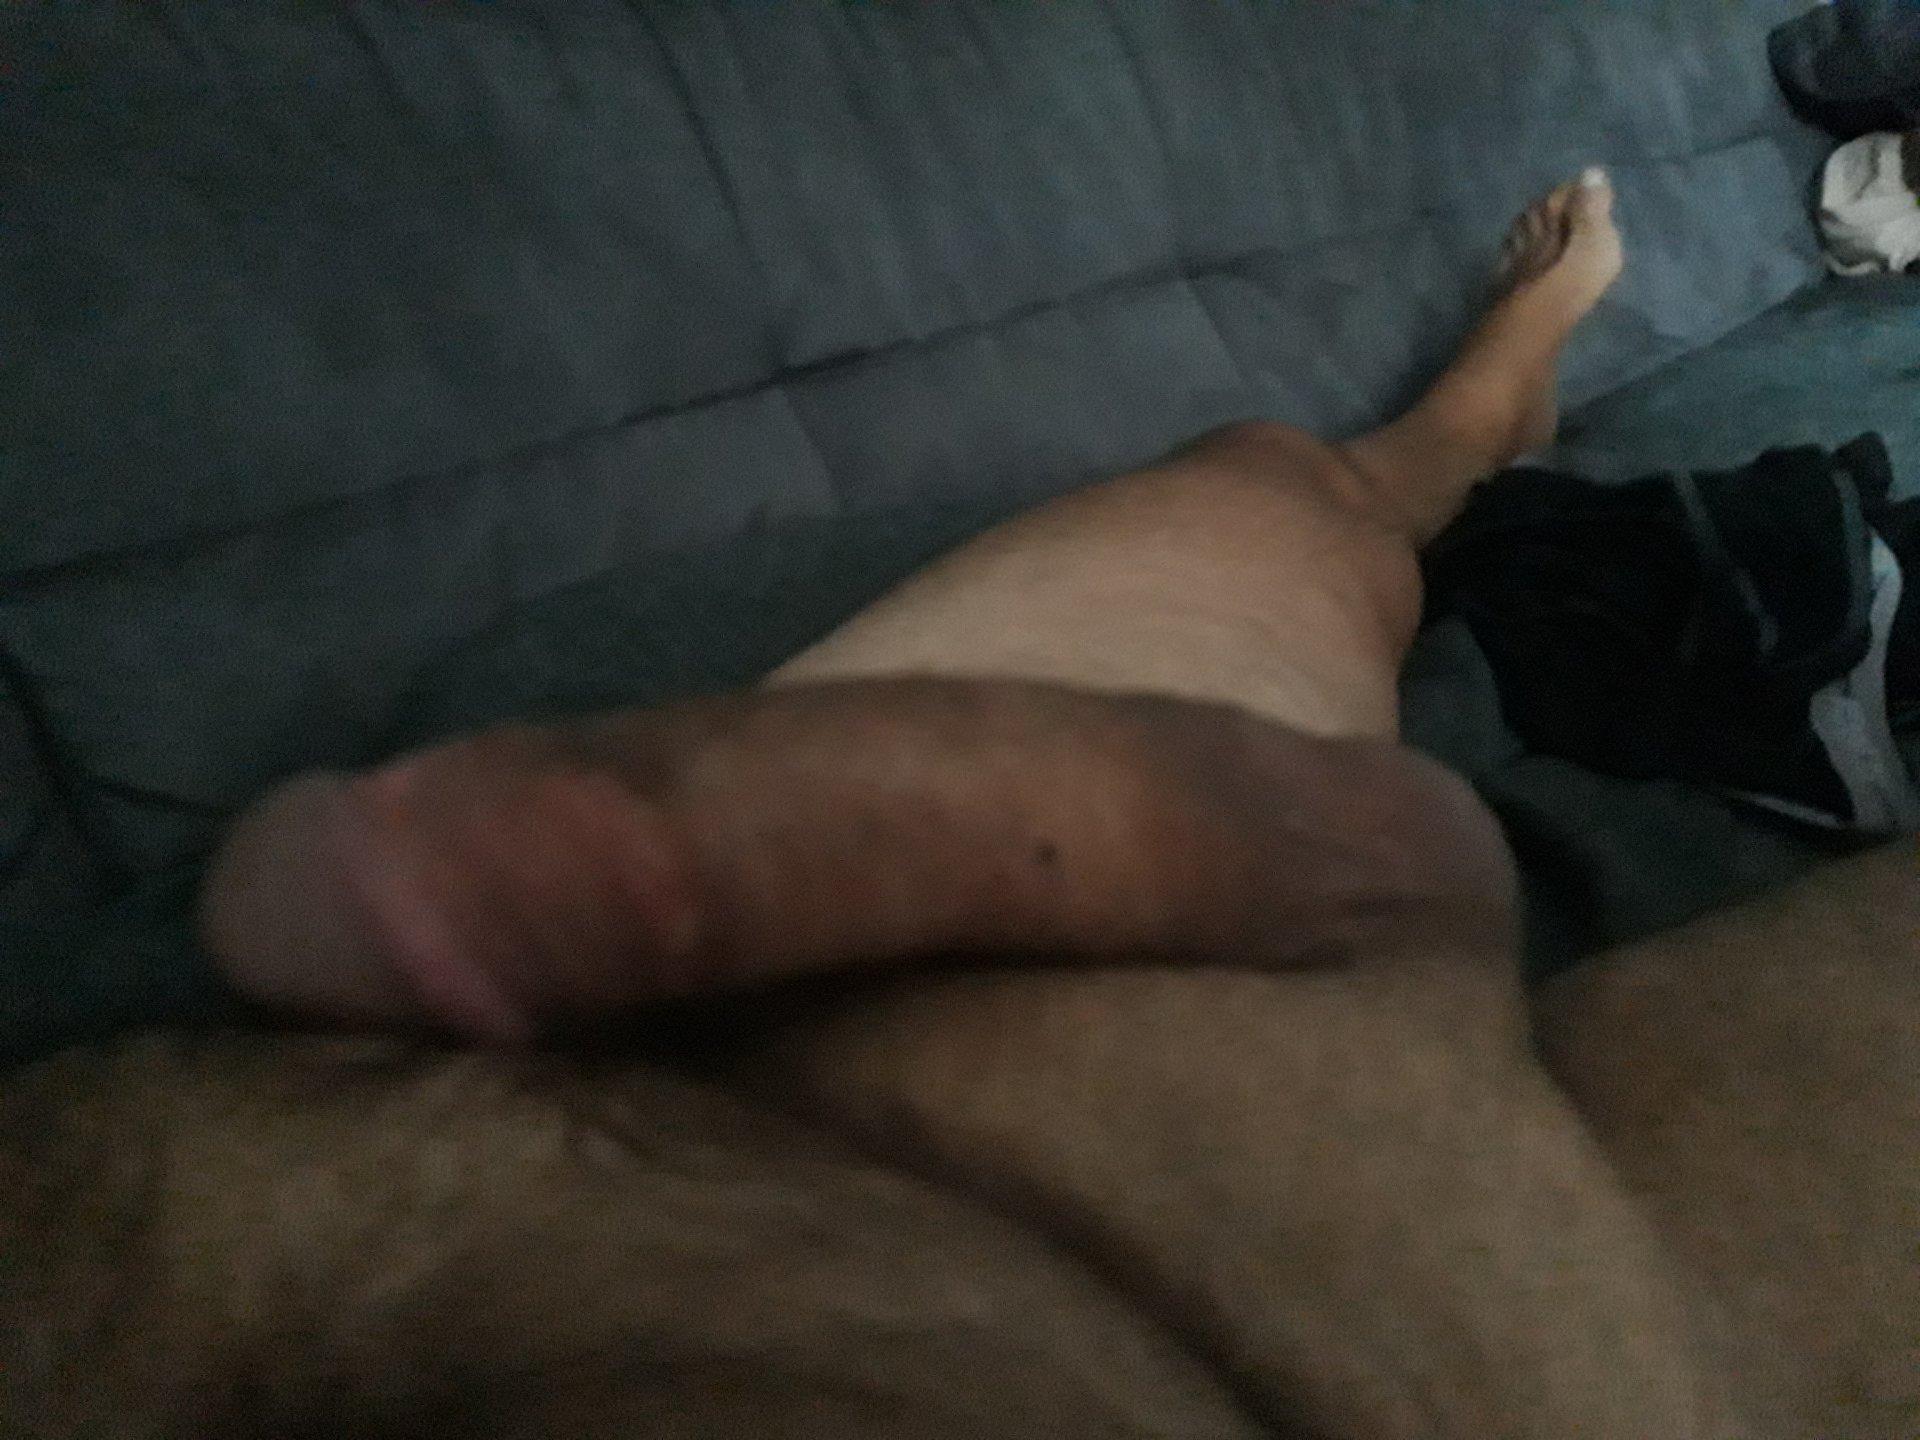 Sexsüchtig75 aus Solothurn,Schweiz